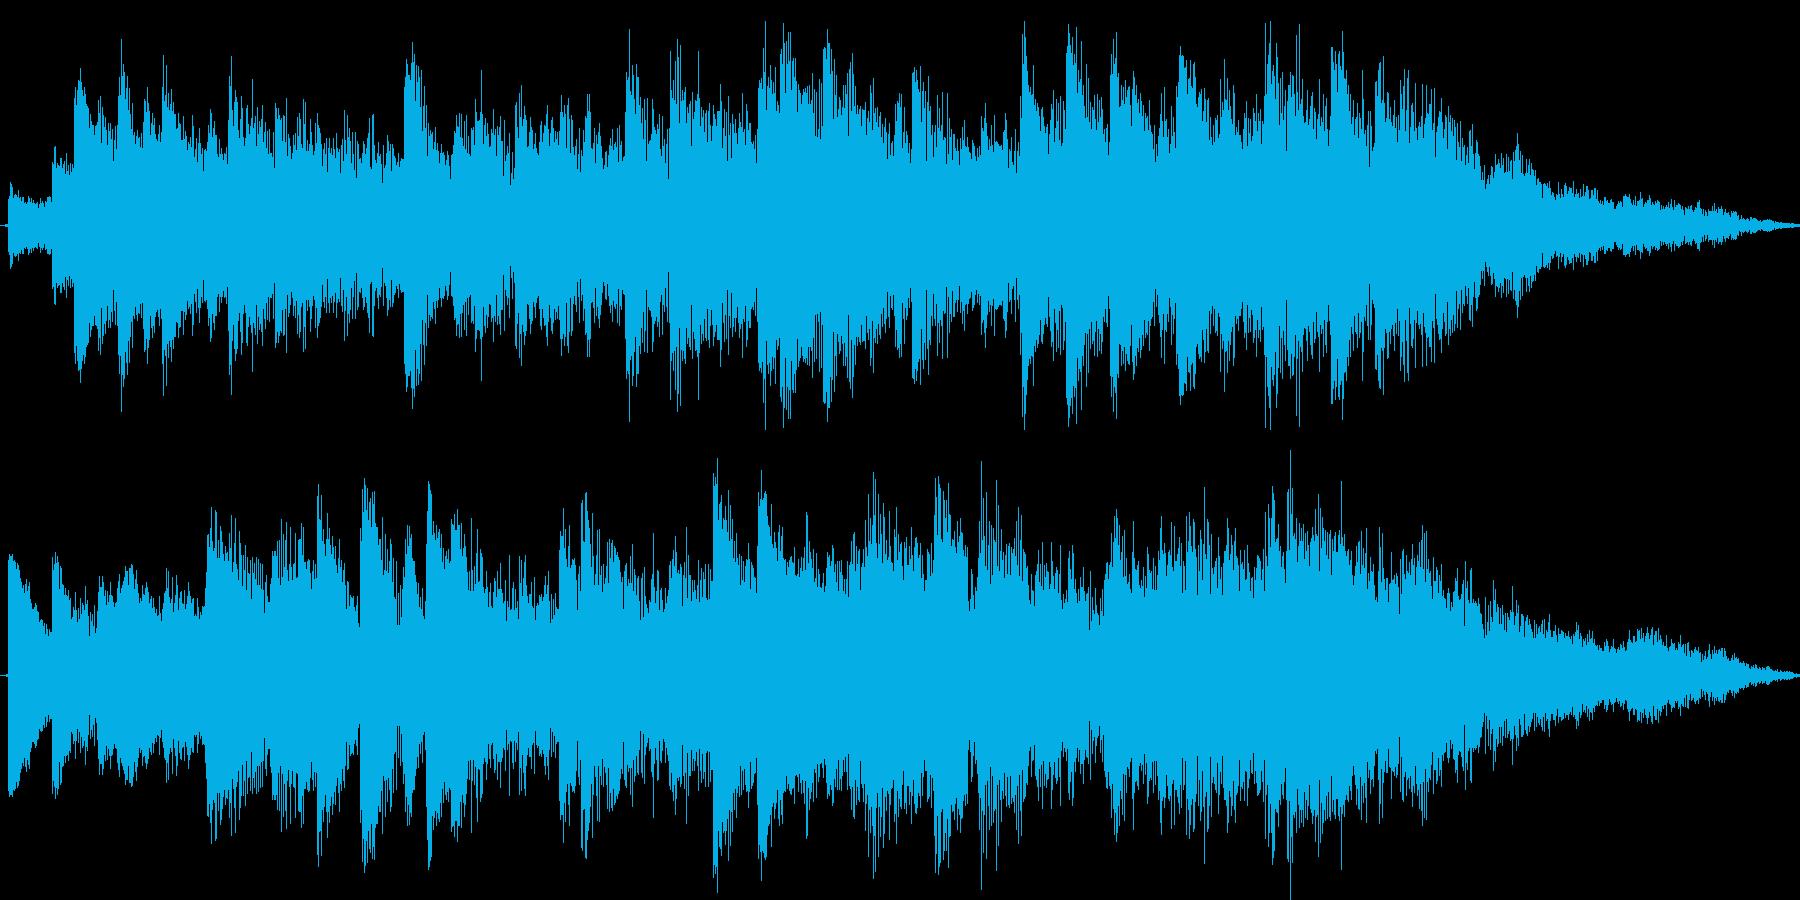 ファンタジックで不思議なシンセジングルの再生済みの波形